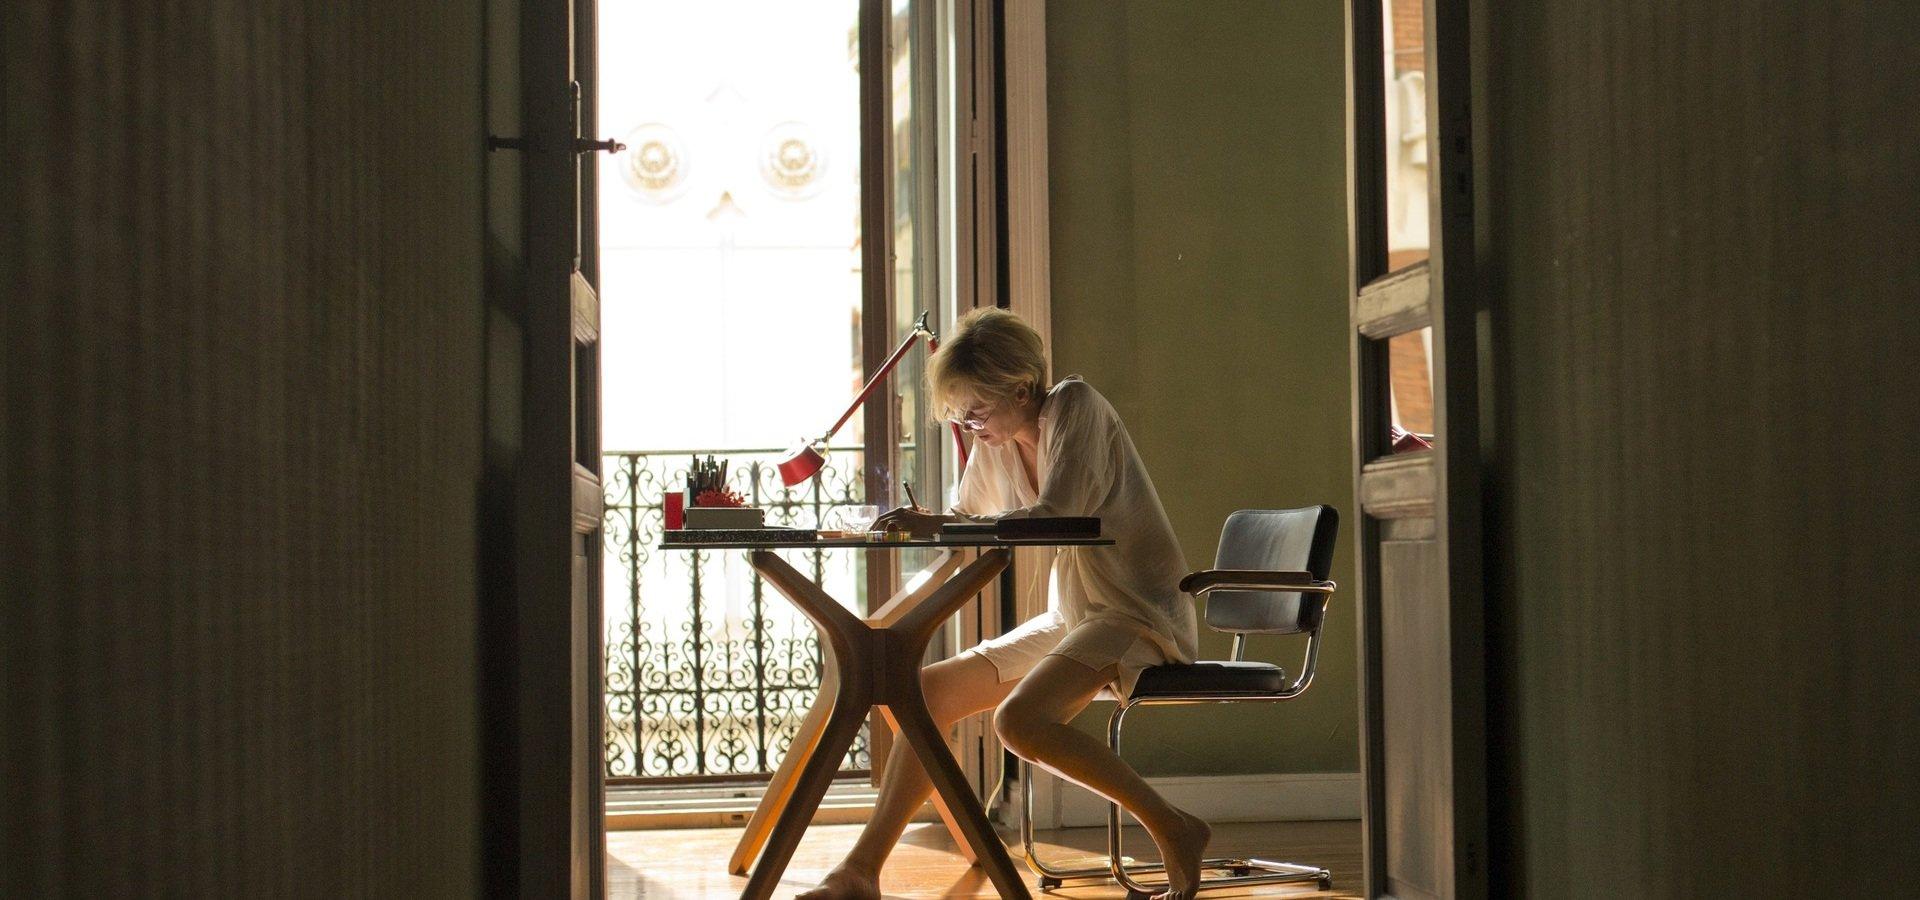 """Siła jest kobietą w cyklu """"Kino Mówi: Niezniszczalne"""". W sierpniu w Ale kino+"""